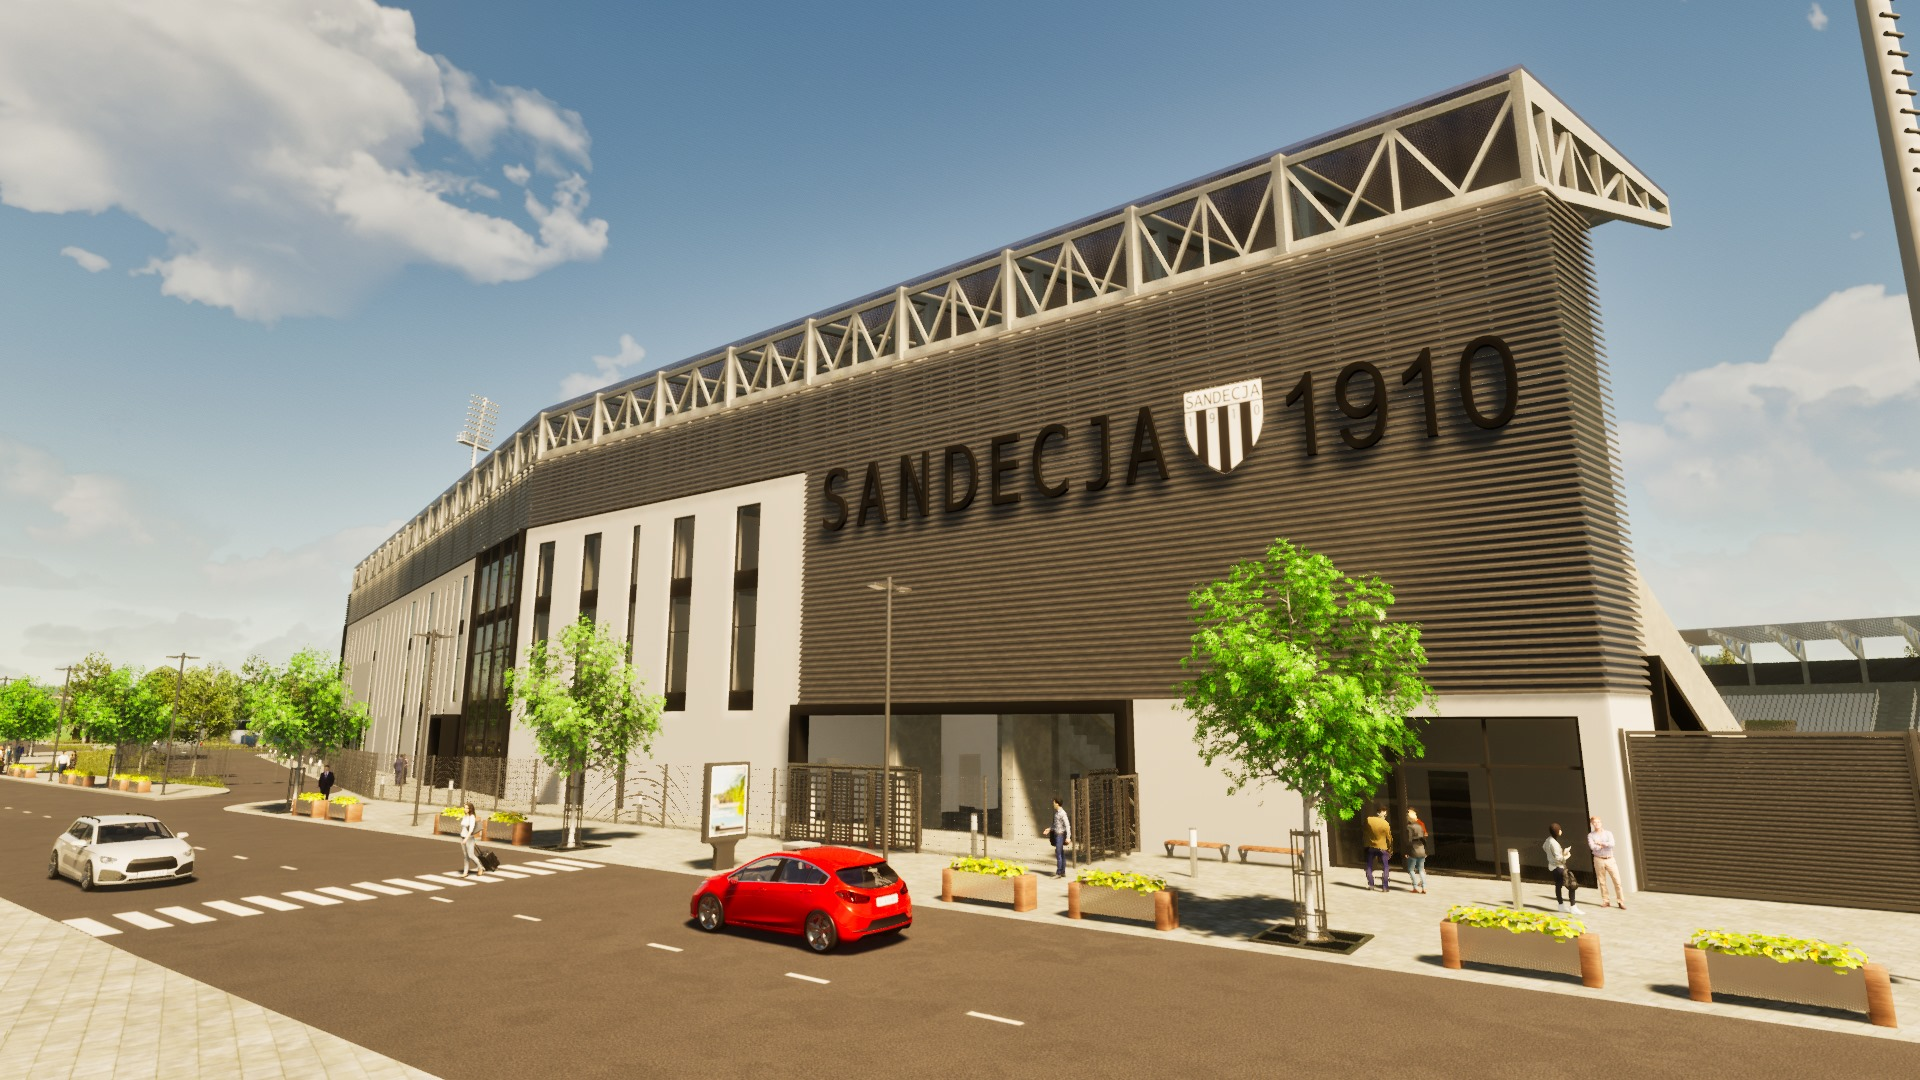 Stadion Sandecji, Nowy Sącz